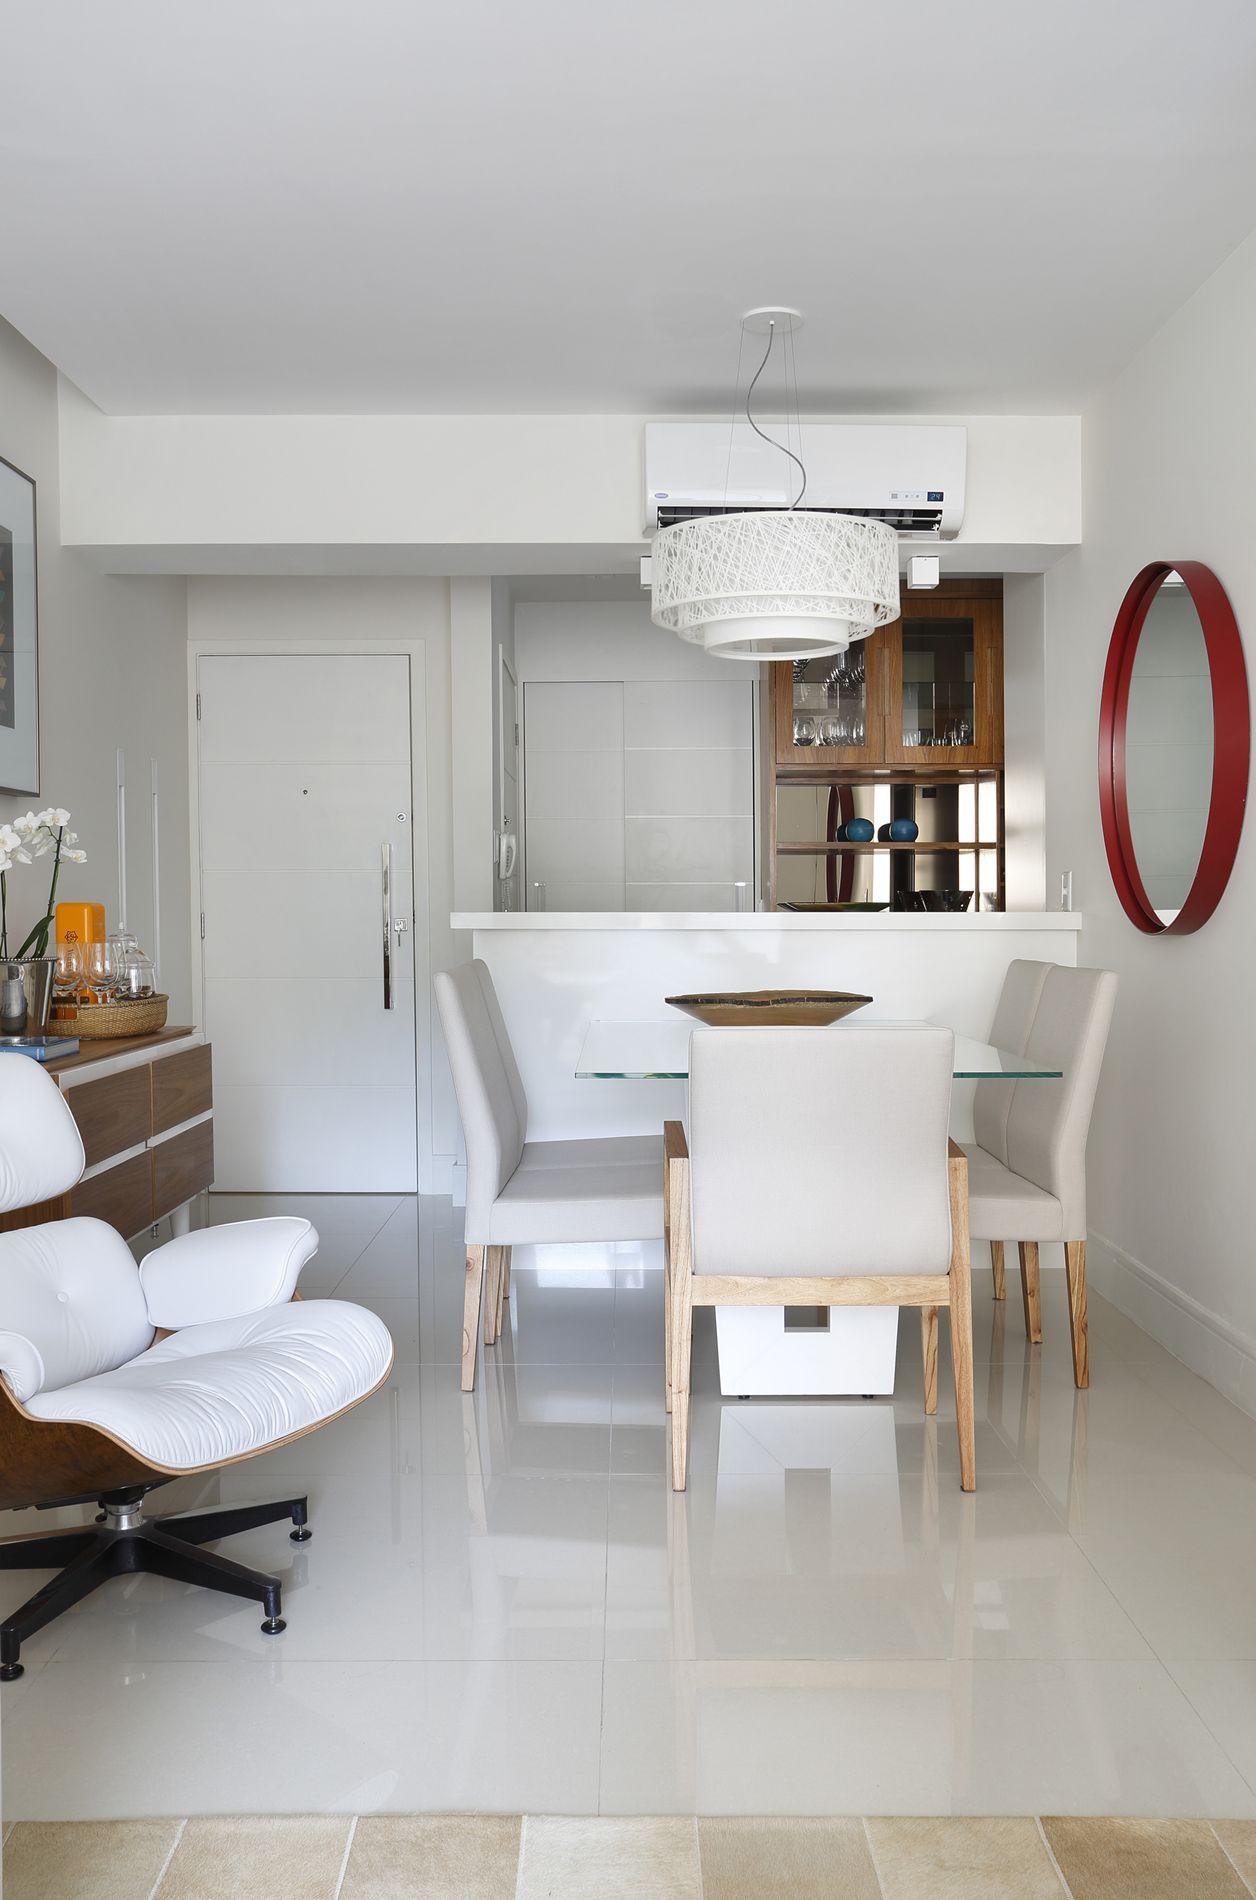 Projeto de Arquitetura e Decoração para Salas em Apartamentos Rj #683C30 1256 1900